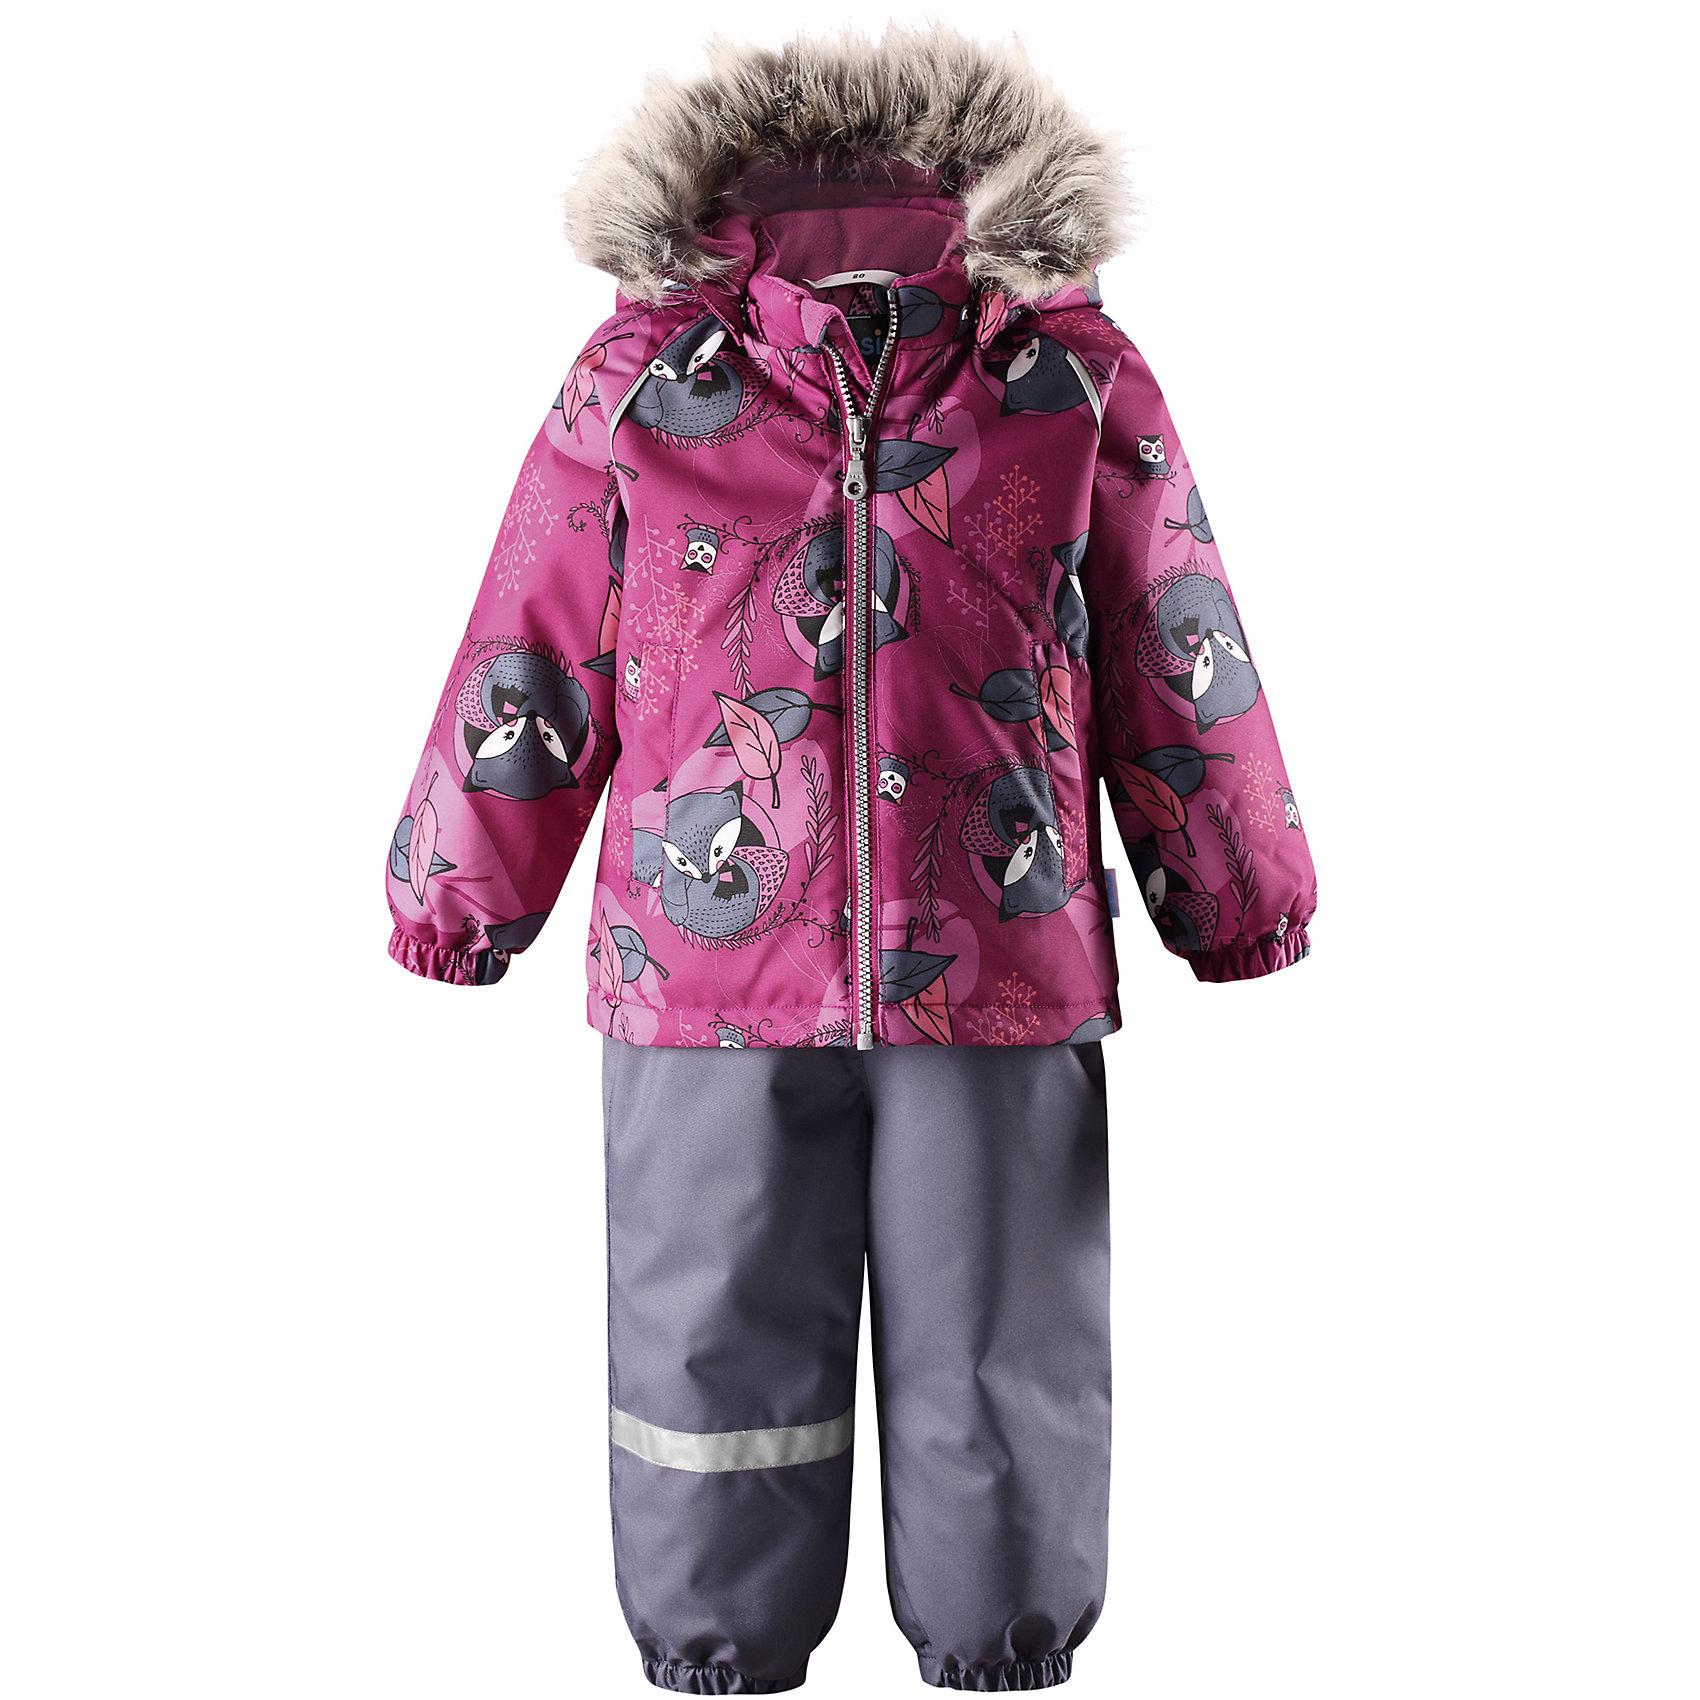 Комплект LassieВерхняя одежда<br>Характеристики товара:<br><br>• цвет: розовый;<br>• состав: 100% полиэстер, полиуретановое покрытие;<br>• подкладка: 100% полиэстер;<br>• утеплитель: куртка 180 г/м2, брюки 140 г/м2;<br>• сезон: зима;<br>• температурный режим: от 0 до -20С;<br>• водонепроницаемость: 1000 мм;<br>• воздухопроницаемость: 1000 мм;<br>• износостойкость: 50000 циклов (тест Мартиндейла)<br>• застежка: молния с защитой подбородка, молния сбоку у брюк;<br>• водоотталкивающий, ветронепроницаемый и дышащий материал;<br>• сверхпрочный материал;<br>• задний серединный шов брюк проклеен;<br>• гладкая подкладка из полиэстера;<br>• безопасный съемный капюшон;<br>• съемный искусственный мех на капюшоне;<br>• эластичные манжеты;<br>• регулируемый подол;<br>• эластичные штанины;<br>• съемные эластичные штрипки;<br>• два прорезных кармана;<br>• регулируемые эластичные подтяжки;<br>• светоотражающие детали;<br>• страна бренда: Финляндия;<br>• страна изготовитель: Китай;<br><br>Этот красивый зимний комплект для малышей исполнен волшебного духа зимы, а еще он очень практичный! Комплект изготовлен из прочного, ветронепроницаемого и дышащего материала с верхним водо- и грязеотталкивающим слоем, он обеспечивает полный комфорт во время веселых прогулок. Безопасный съемный капюшон украшает стильная оторочка из искусственного меха, а регулируемый подол позволяет откорректировать куртку идеально по фигуре. Обратите внимание на удобные съемные штрипки, за счет которых брюки не будут задираться, и съемные регулируемые подтяжки – брюки не будут спадать, как ни бегай!<br><br>Комплект Lassie (Ласси) можно купить в нашем интернет-магазине.<br><br>Ширина мм: 356<br>Глубина мм: 10<br>Высота мм: 245<br>Вес г: 519<br>Цвет: розовый<br>Возраст от месяцев: 15<br>Возраст до месяцев: 18<br>Пол: Унисекс<br>Возраст: Детский<br>Размер: 86,92,98,74,80<br>SKU: 6905416